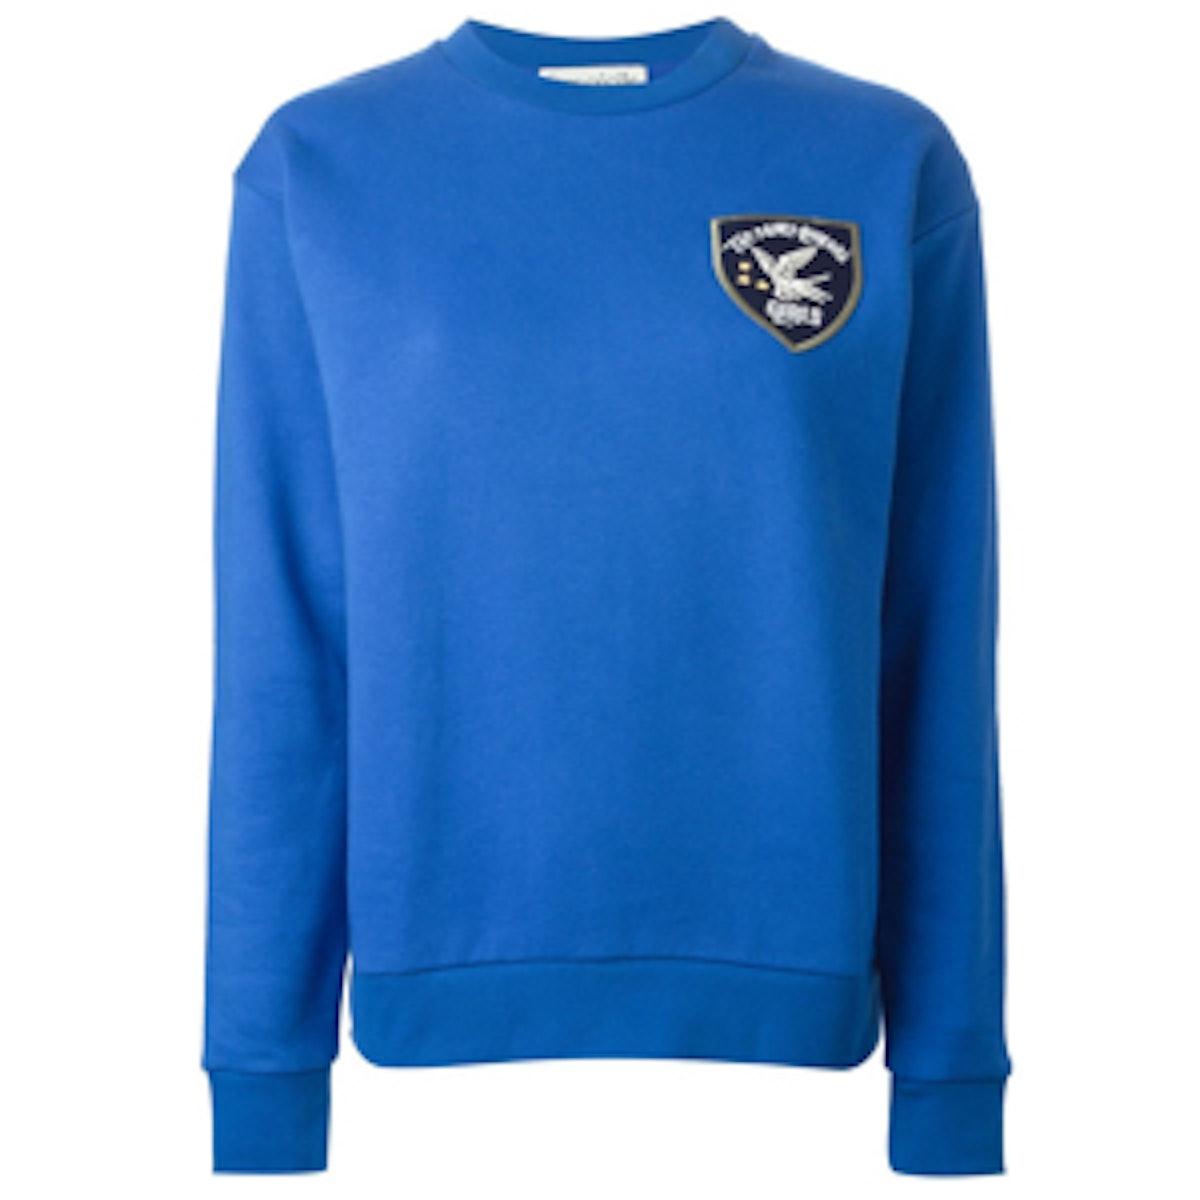 Chest Patch Sweatshirt